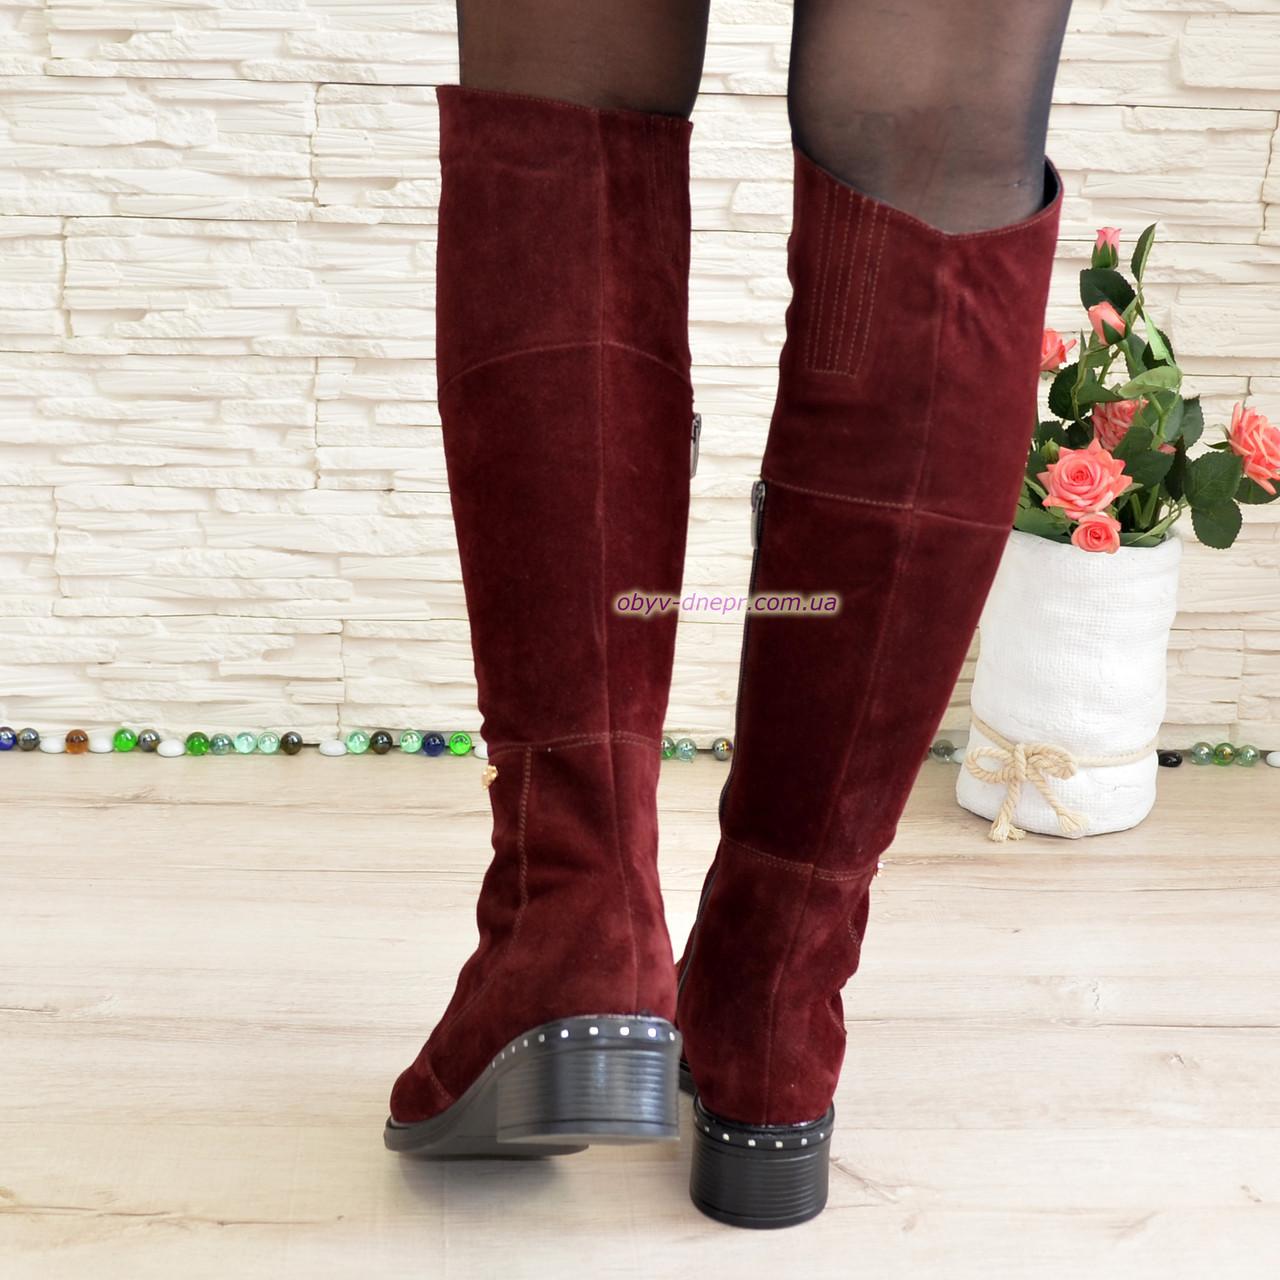 9d06e215cd6d Женские демисезонные замшевые ботфорты на невысоком каблуке, цвет бордо. 37  размер